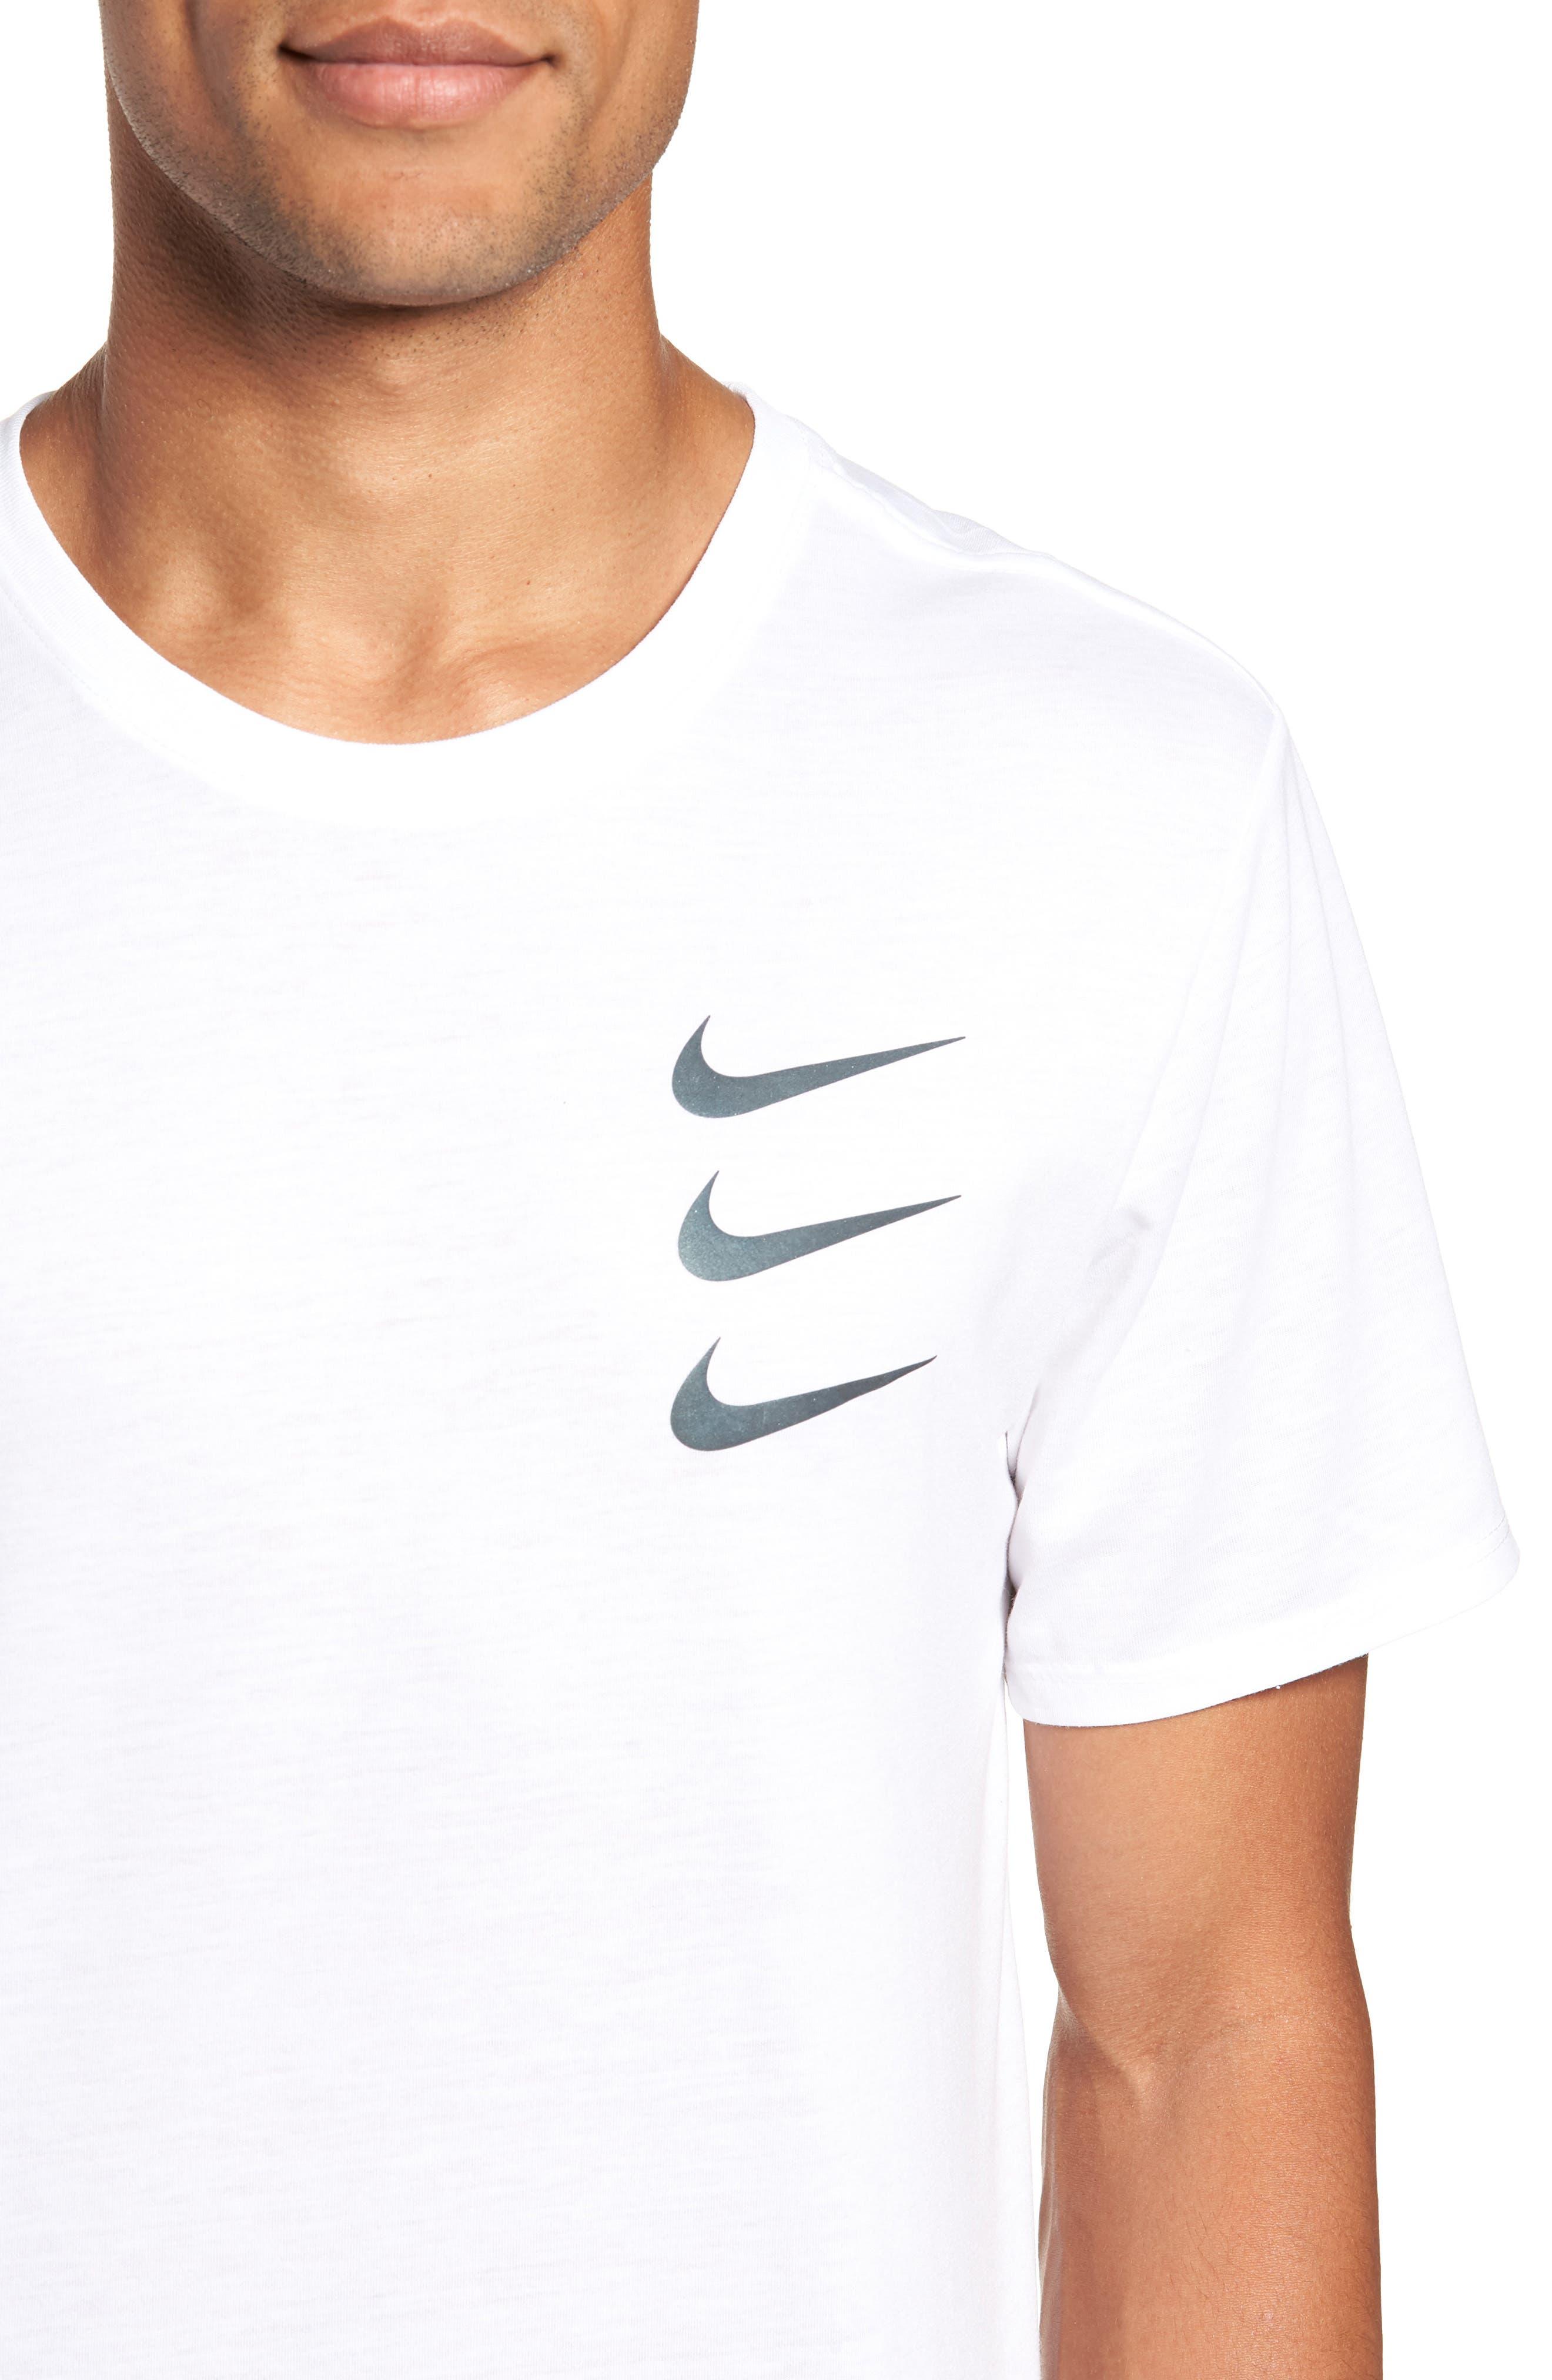 Dry Running Division T-Shirt,                             Alternate thumbnail 4, color,                             WHITE/ GUNSMOKE